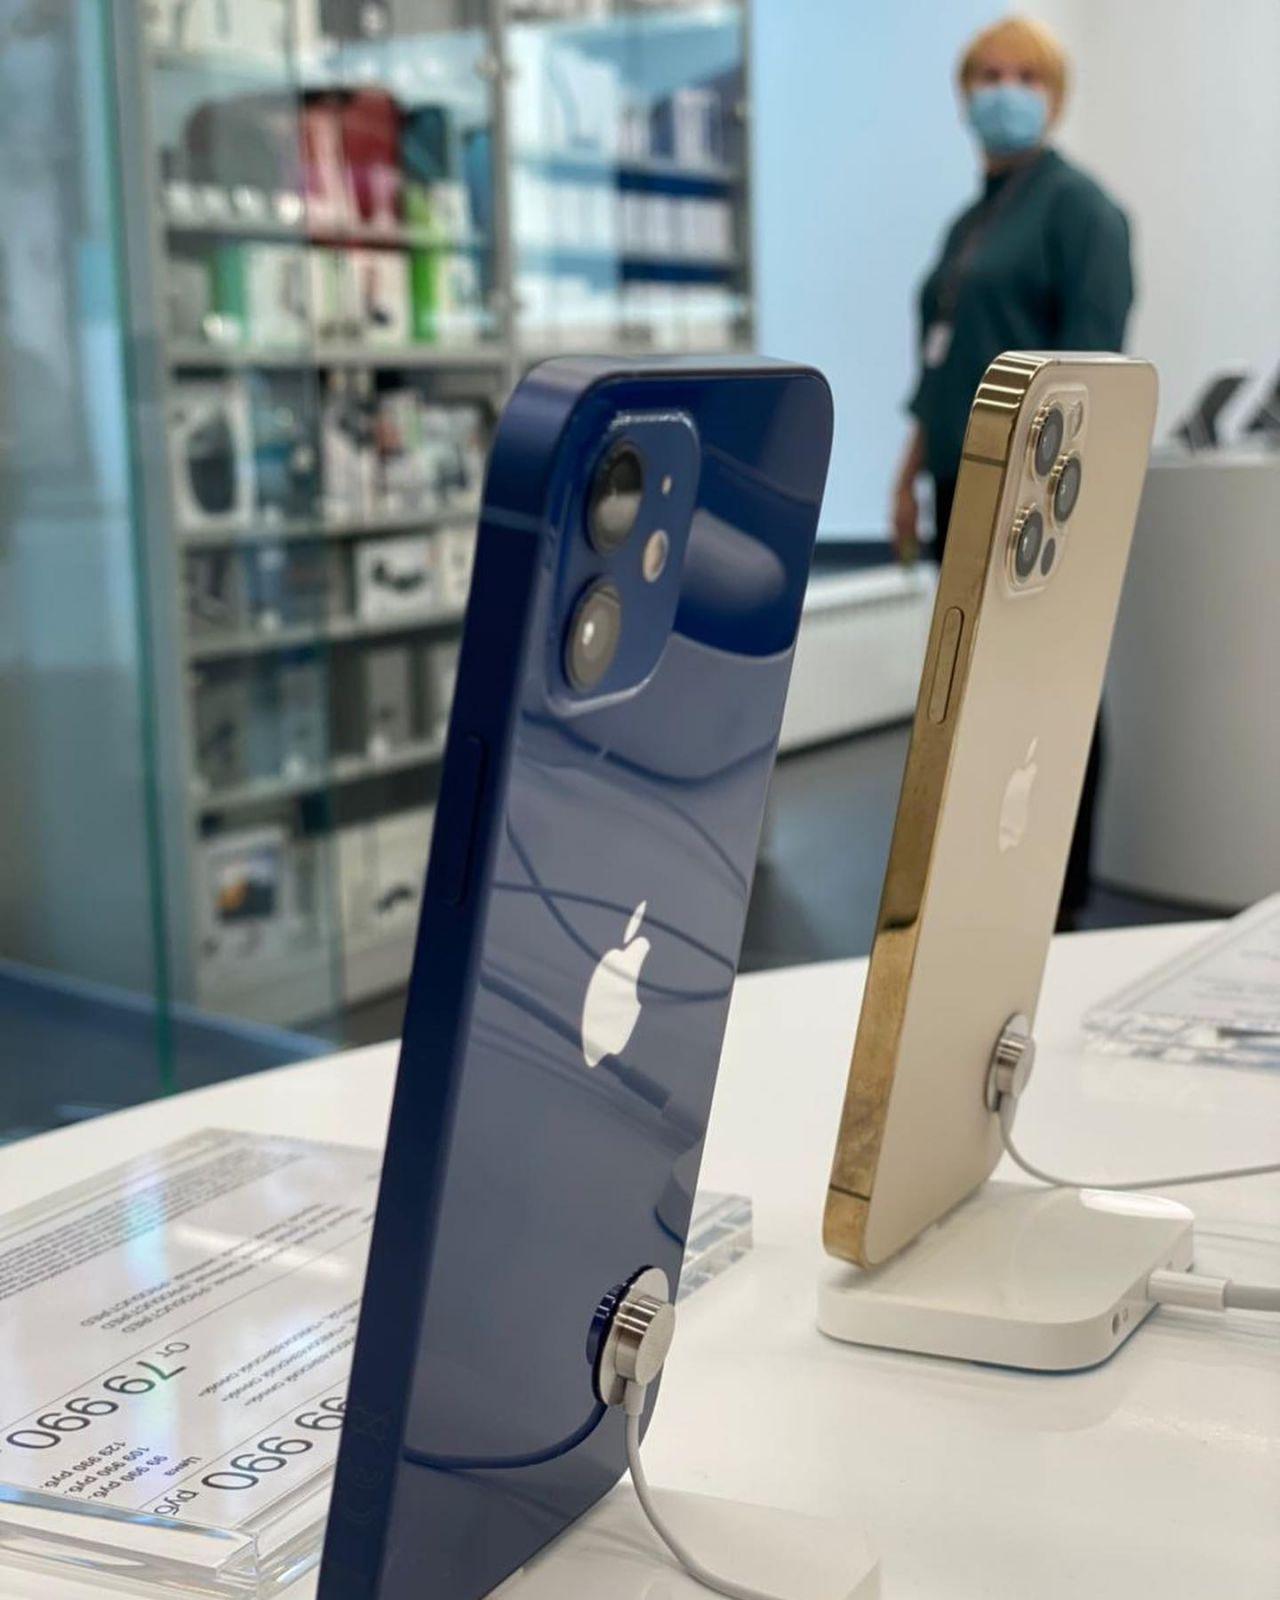 В России начались продажи iPhone 12 и iPhone 12 Pro (122429343 3727370943962899 5676916345532545895 o)